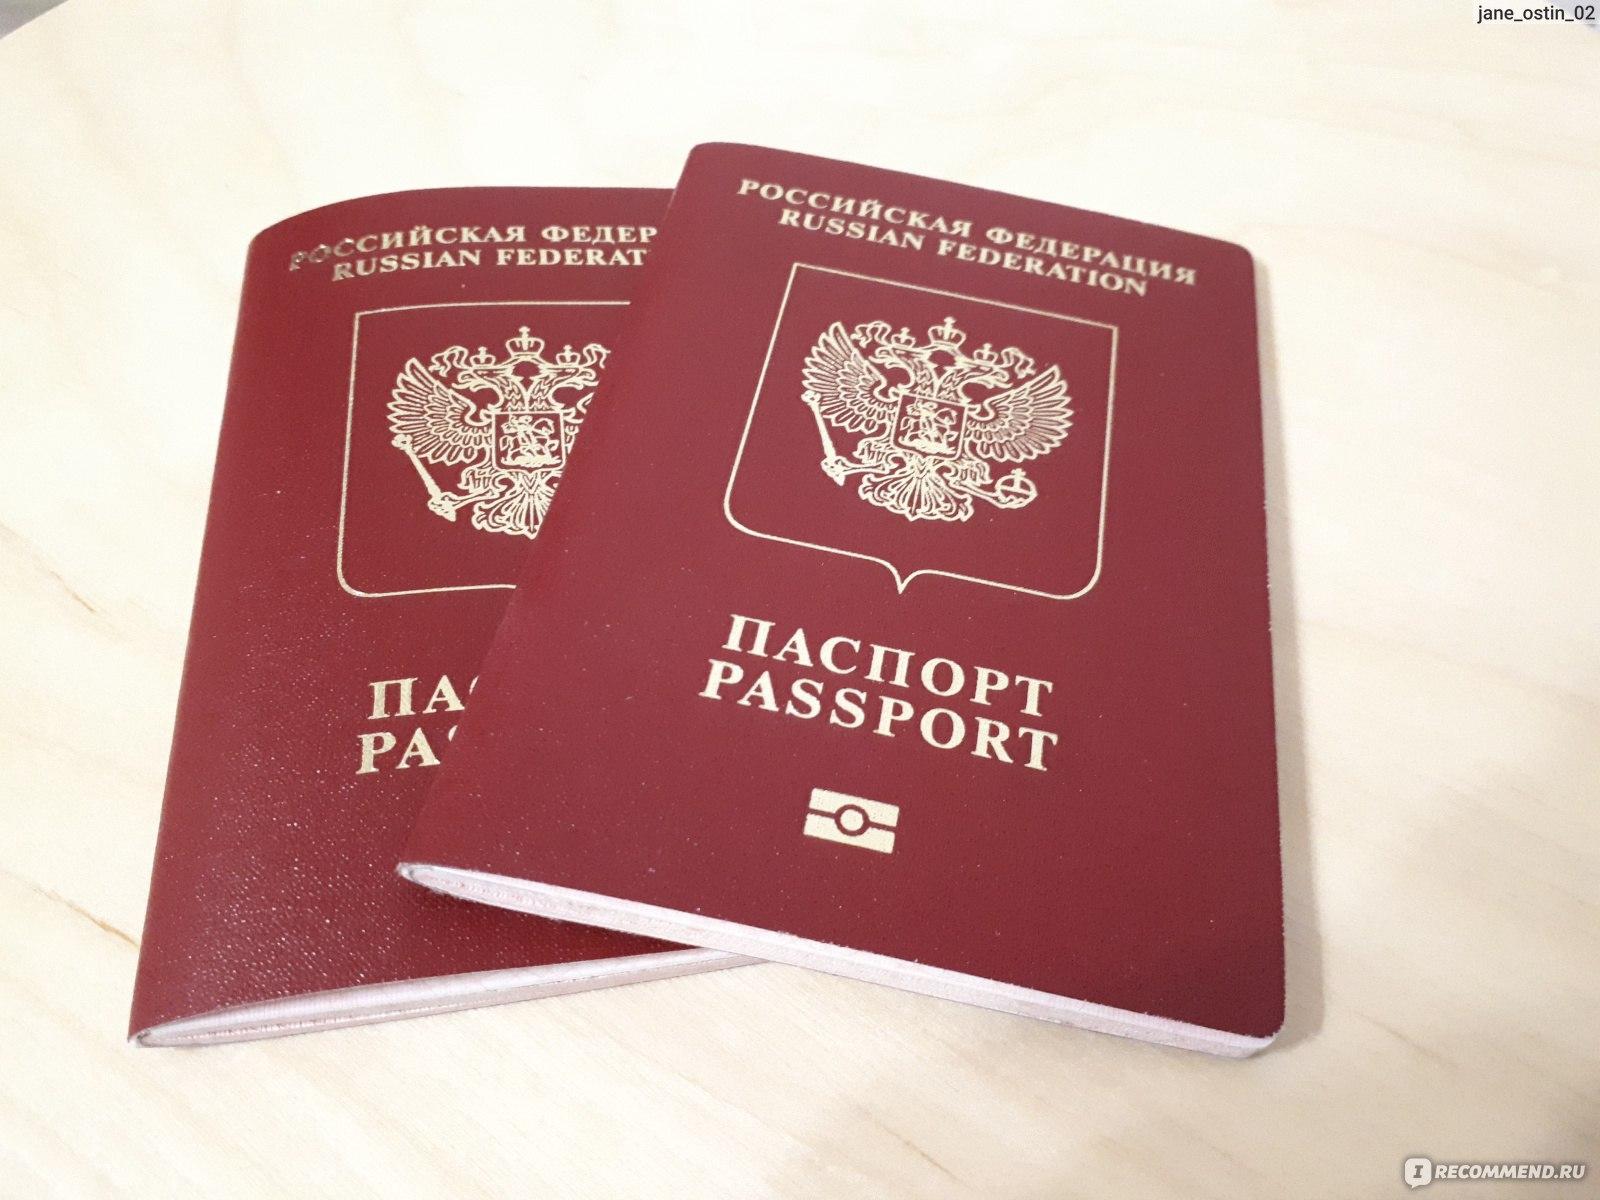 Как сделать быстро загранпаспорт в СПб 87